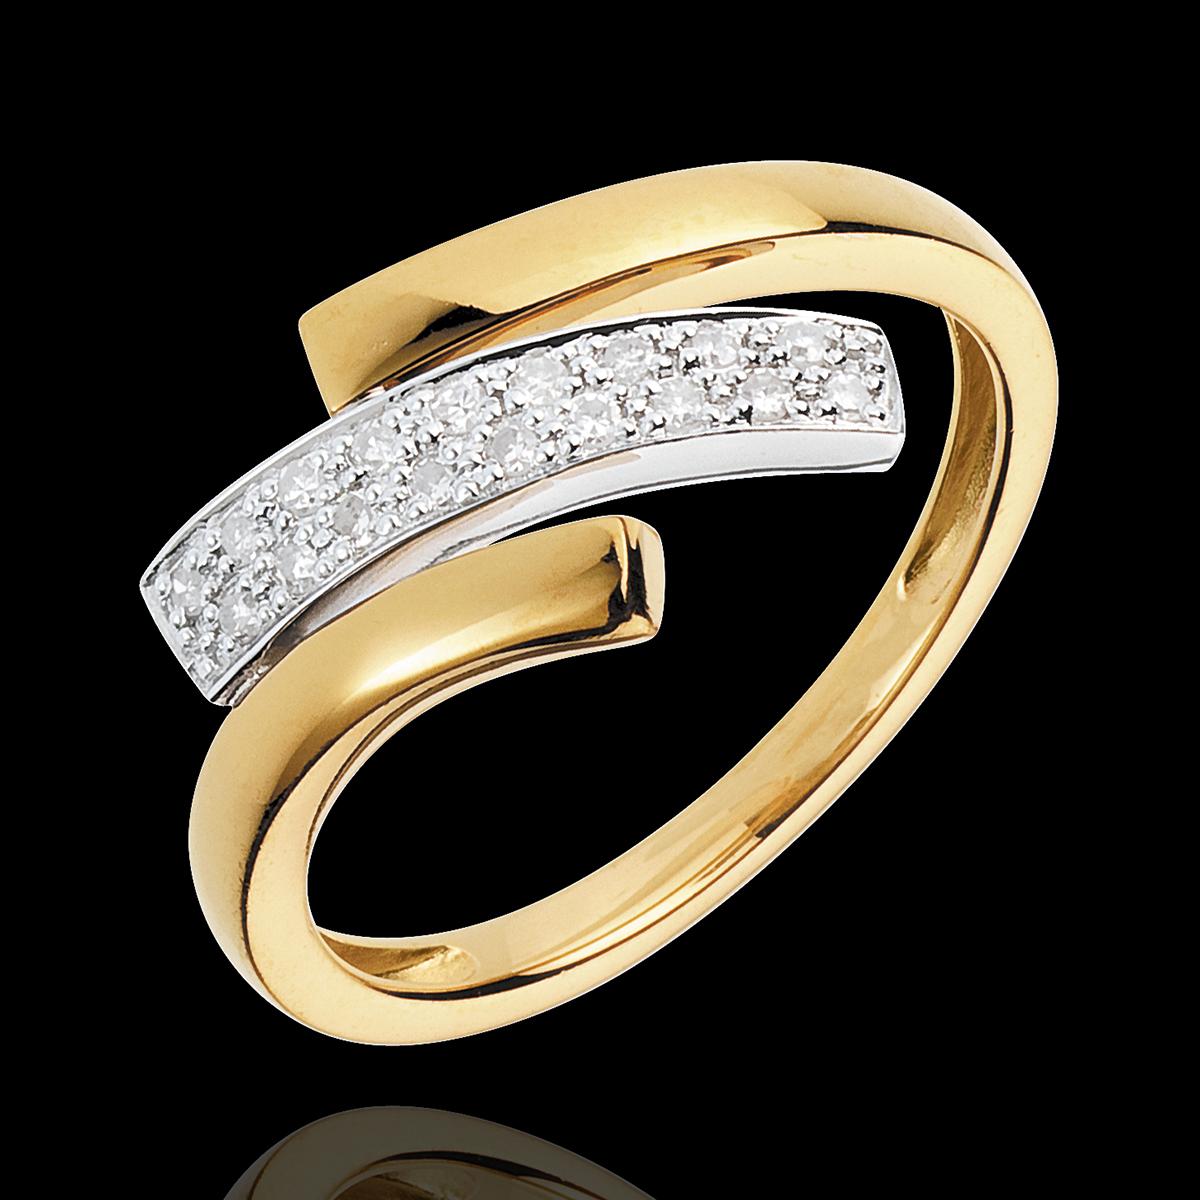 Bague sauvage stylisant une empreinte de griffes d'or et de diamants ...